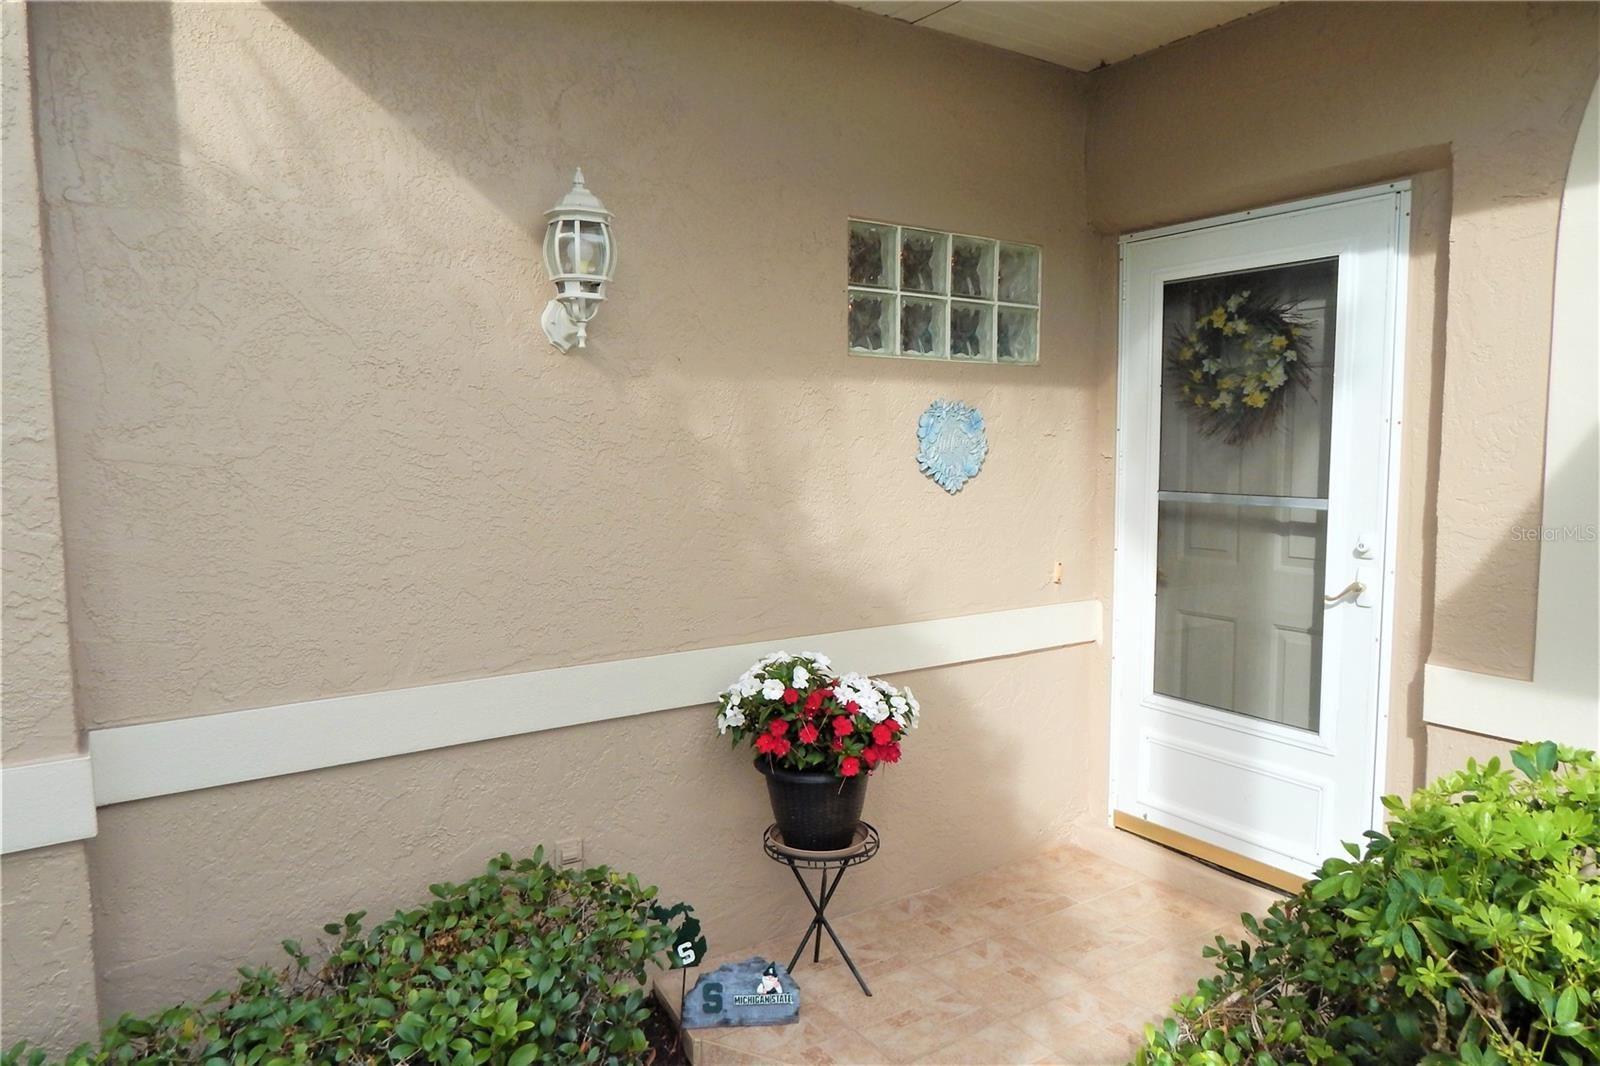 Photo of 4996 MAHOGANY RUN AVENUE, SARASOTA, FL 34241 (MLS # A4504358)